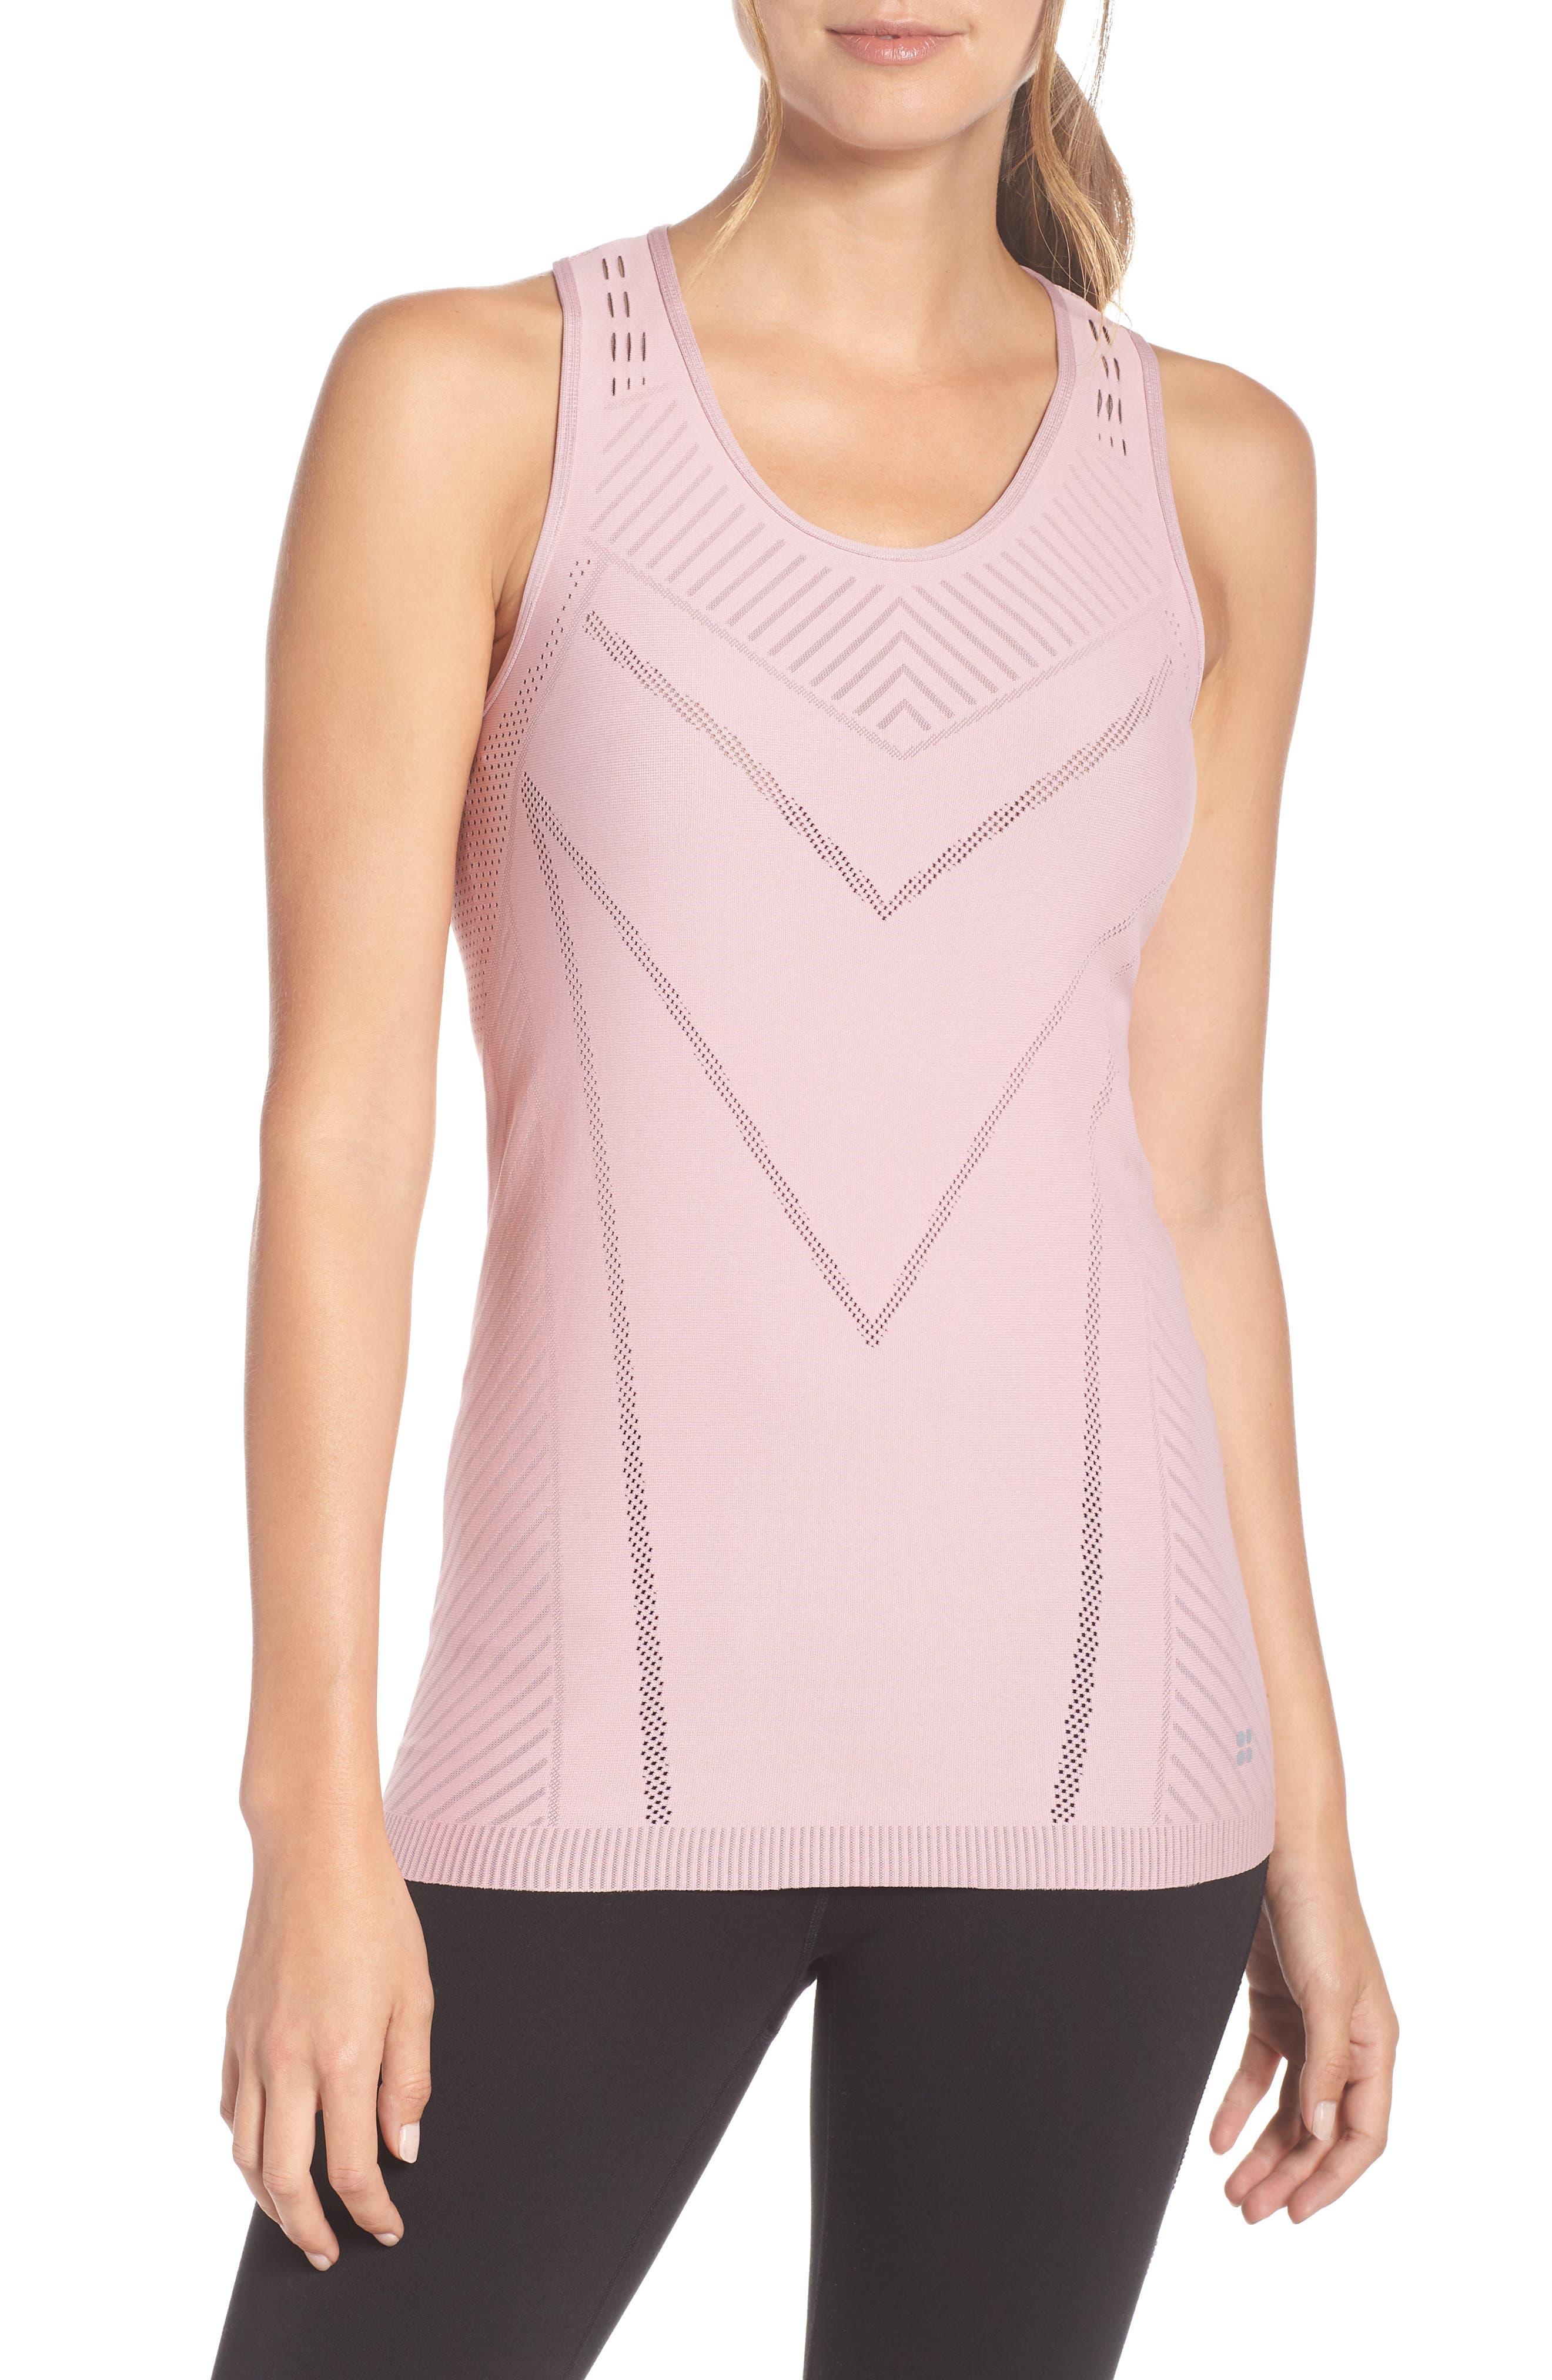 Luxe Yoga Vest,                             Main thumbnail 1, color,                             650